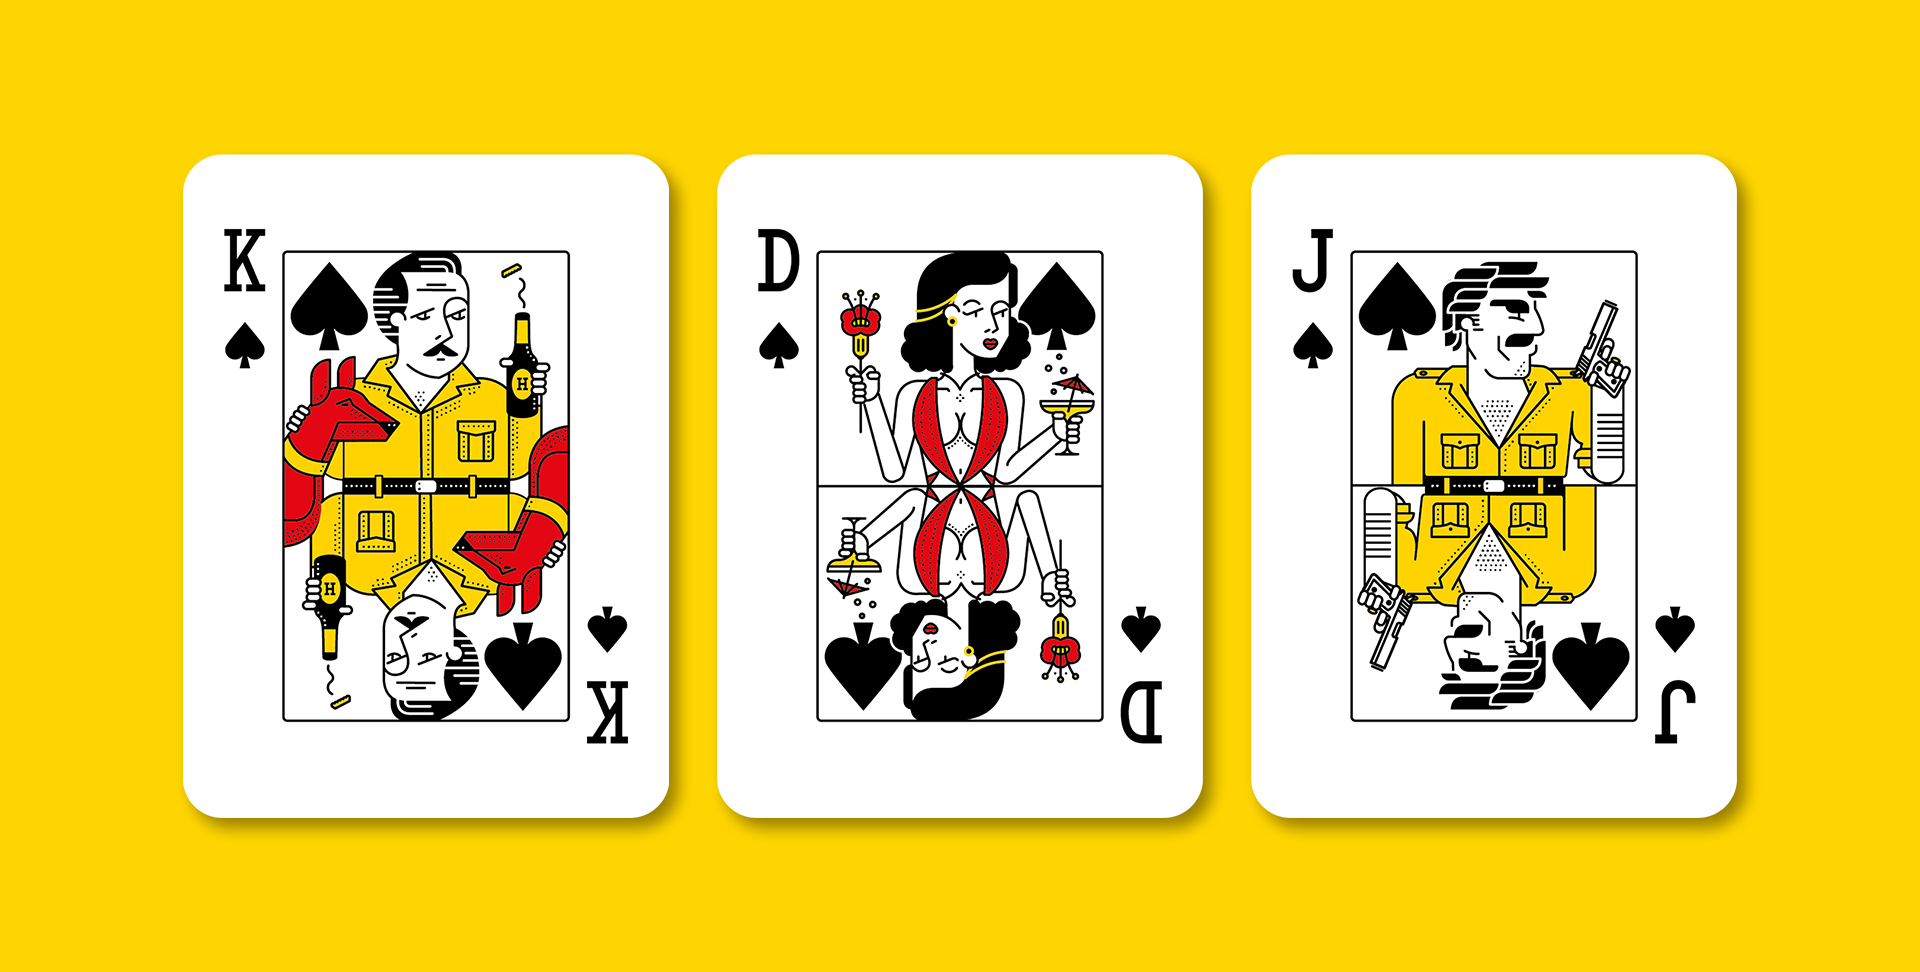 191128_higgins-cards_slide_03